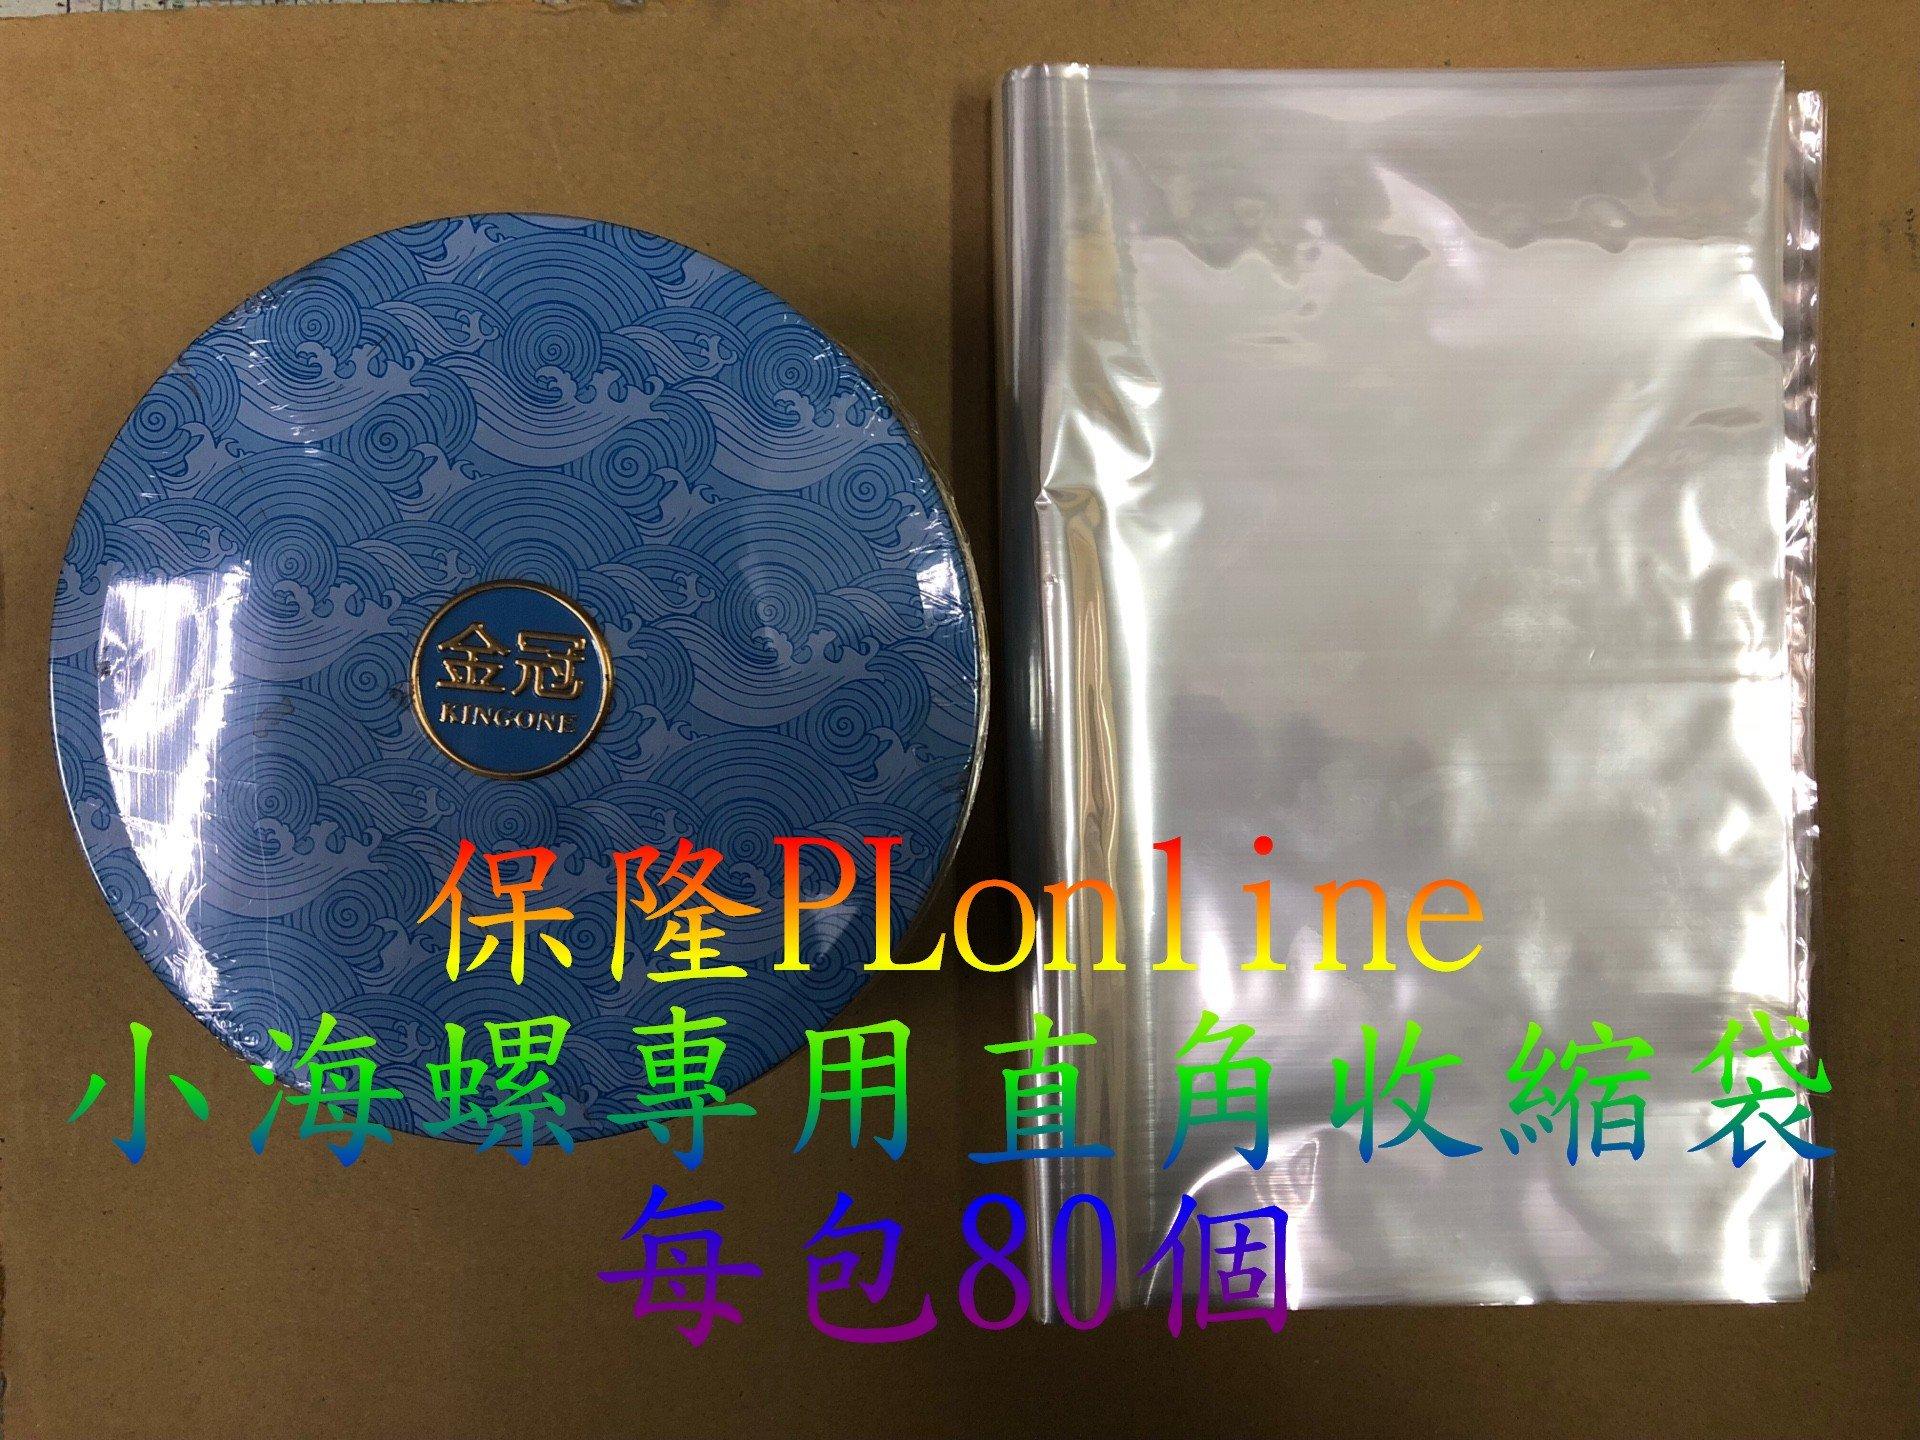 【彰化保隆】金冠 小海螺 K88專用直角收縮袋/娃娃機/藍芽音箱/熱縮膜/2025/V88/2088/魔石(每包80個)